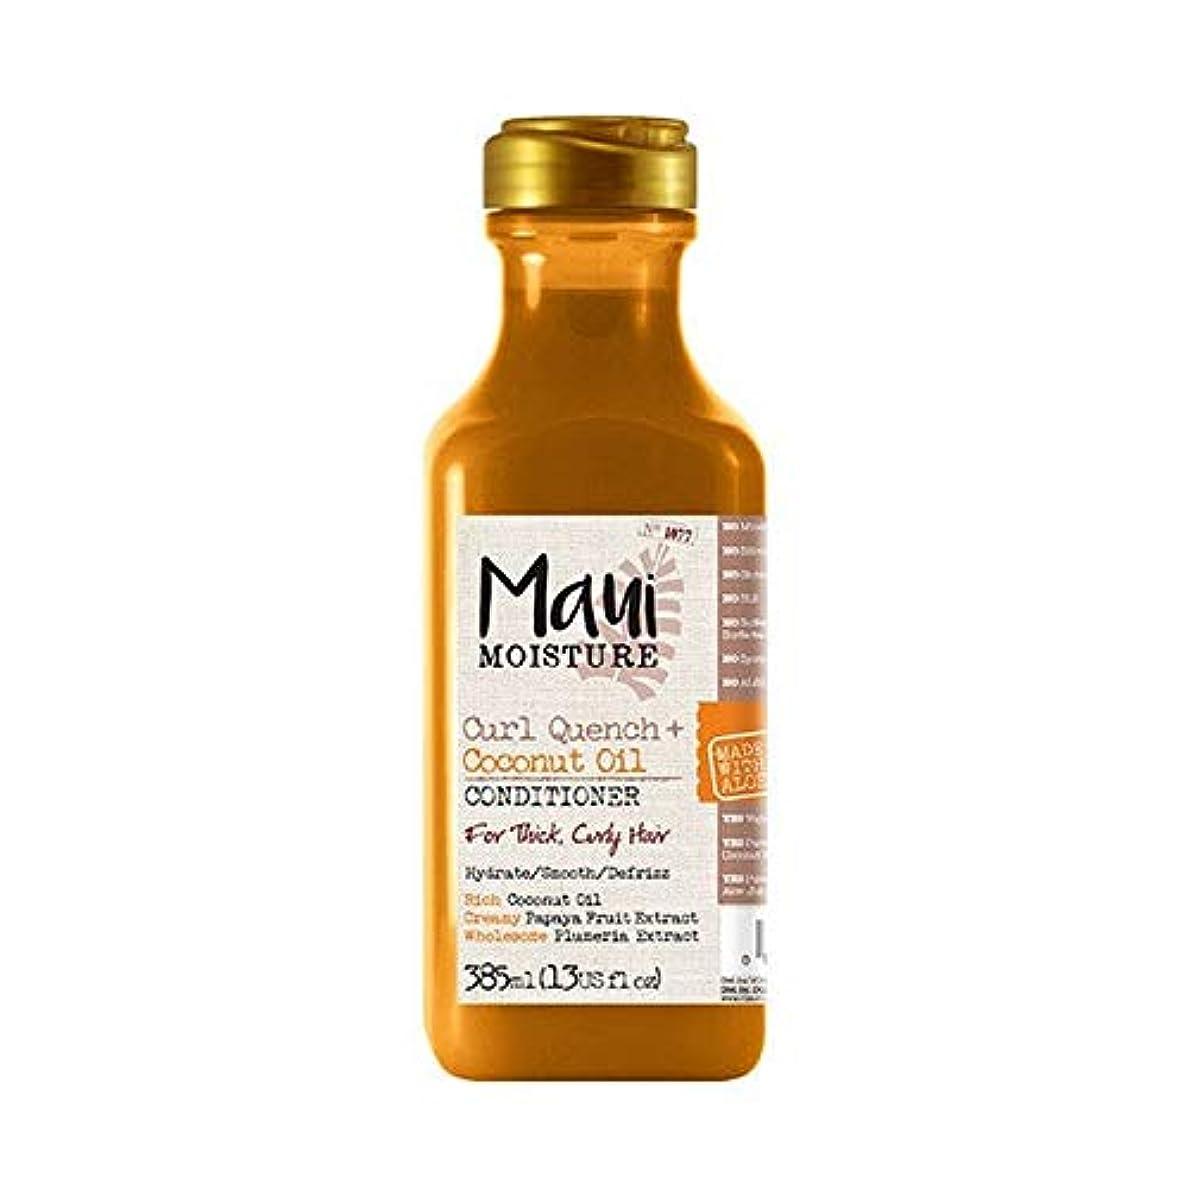 褐色成功ウィンク[Maui Moisture ] マウイ水分カールクエンチ+ココナッツオイルコンディショナー - Maui Moisture Curl Quench + Coconut Oil Conditioner [並行輸入品]